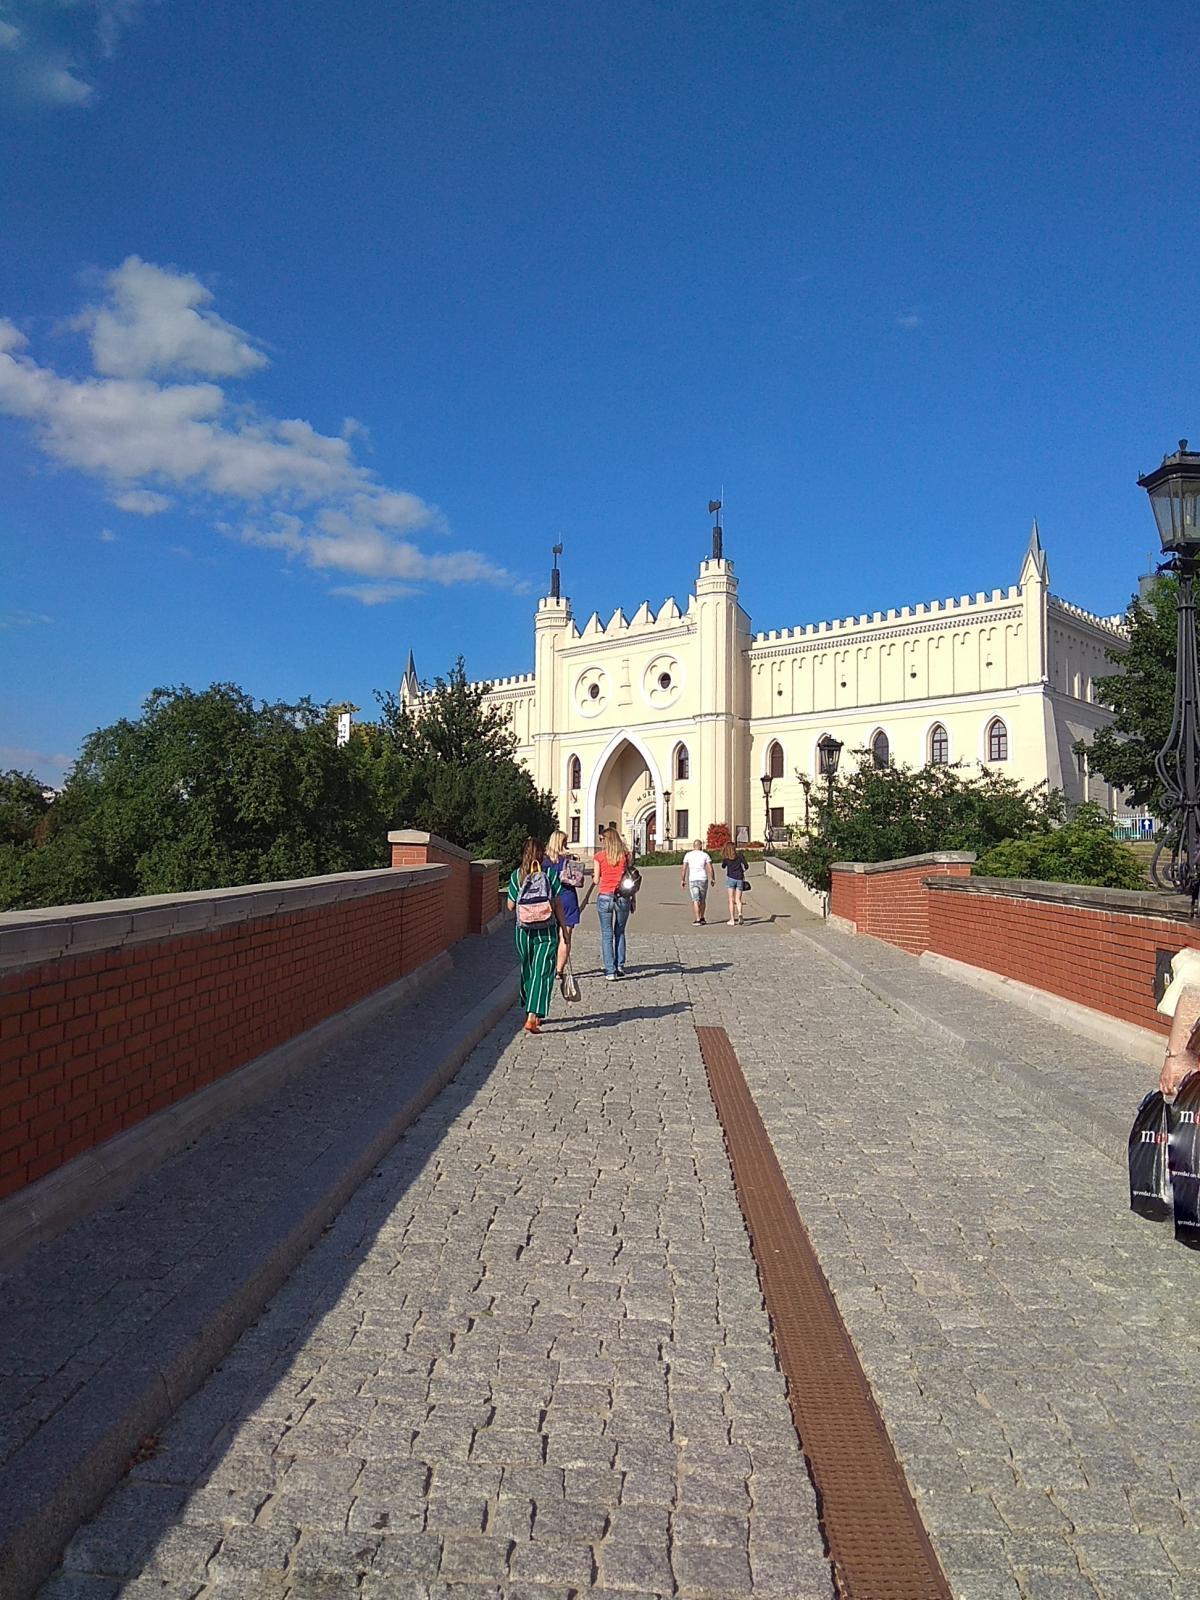 Мост к Люблинскому замку / фото Варвара Вайс